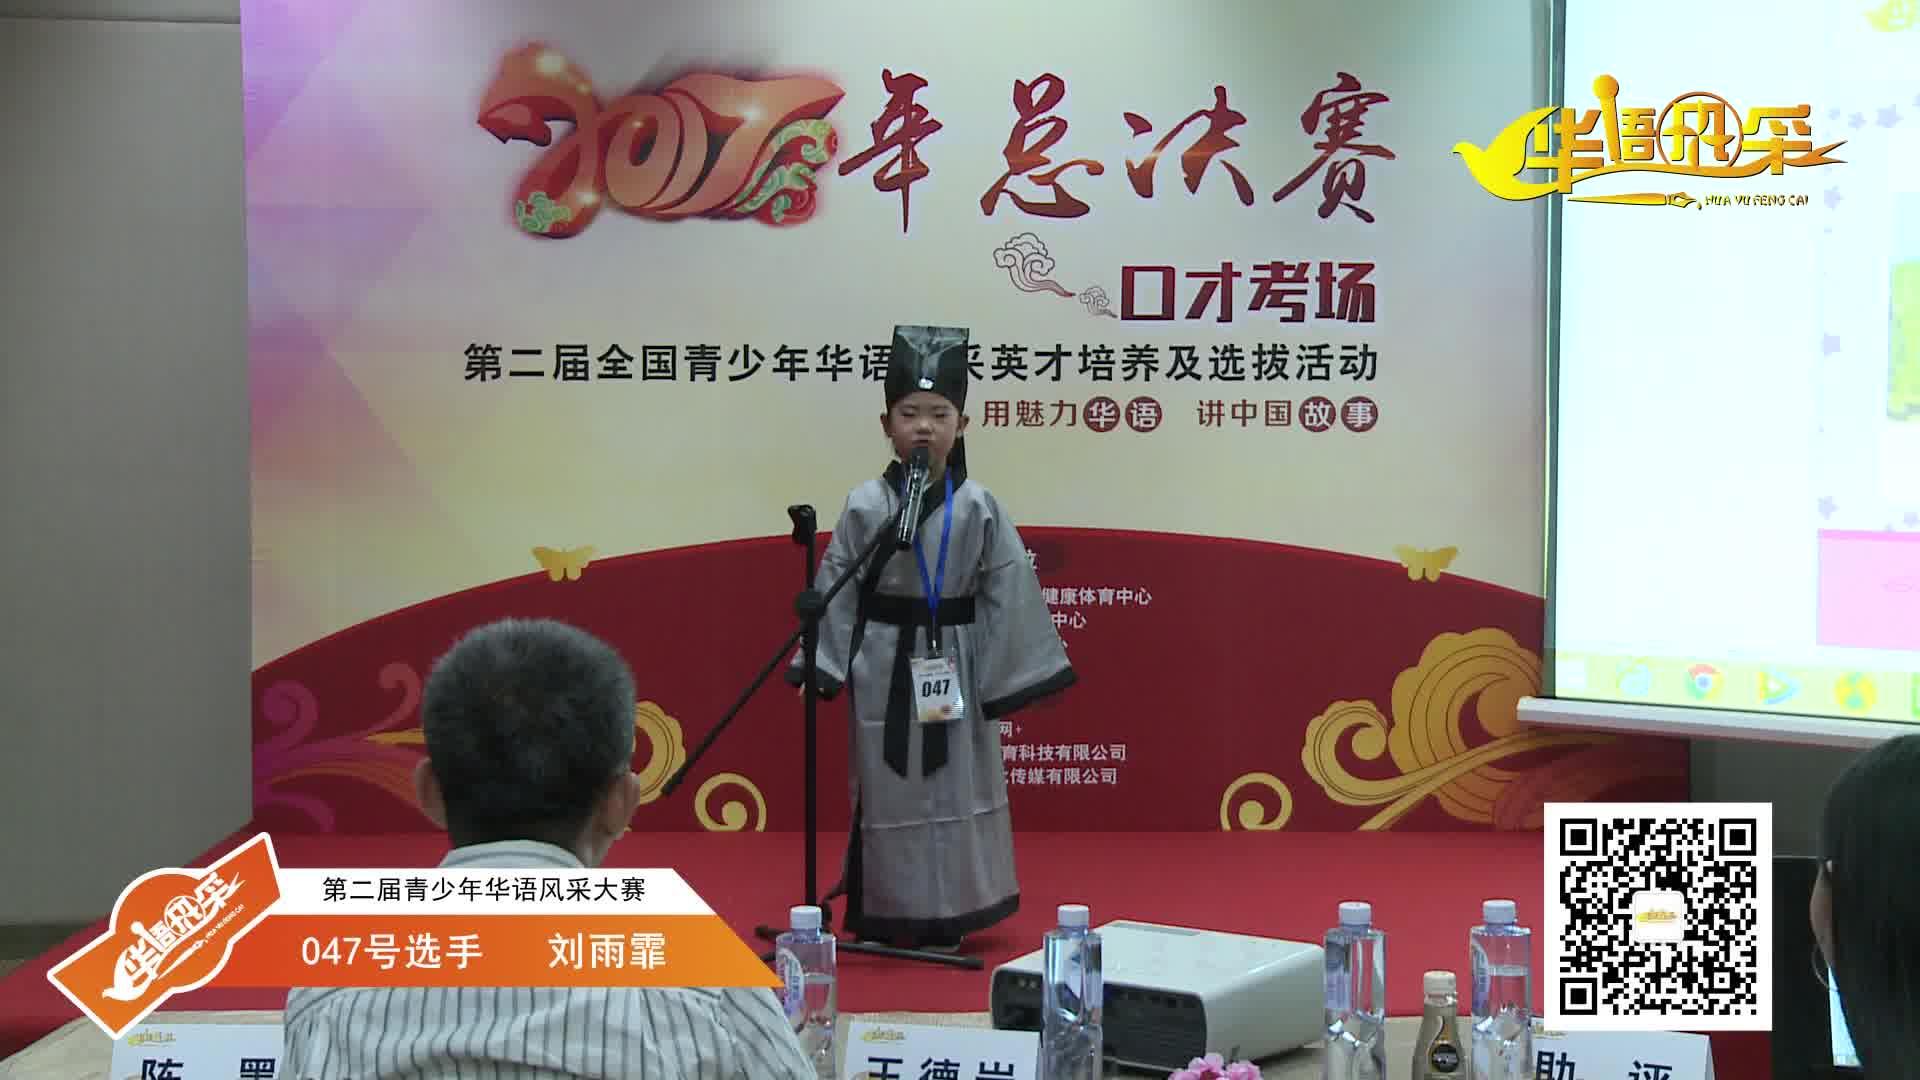 047号选手:刘雨霏